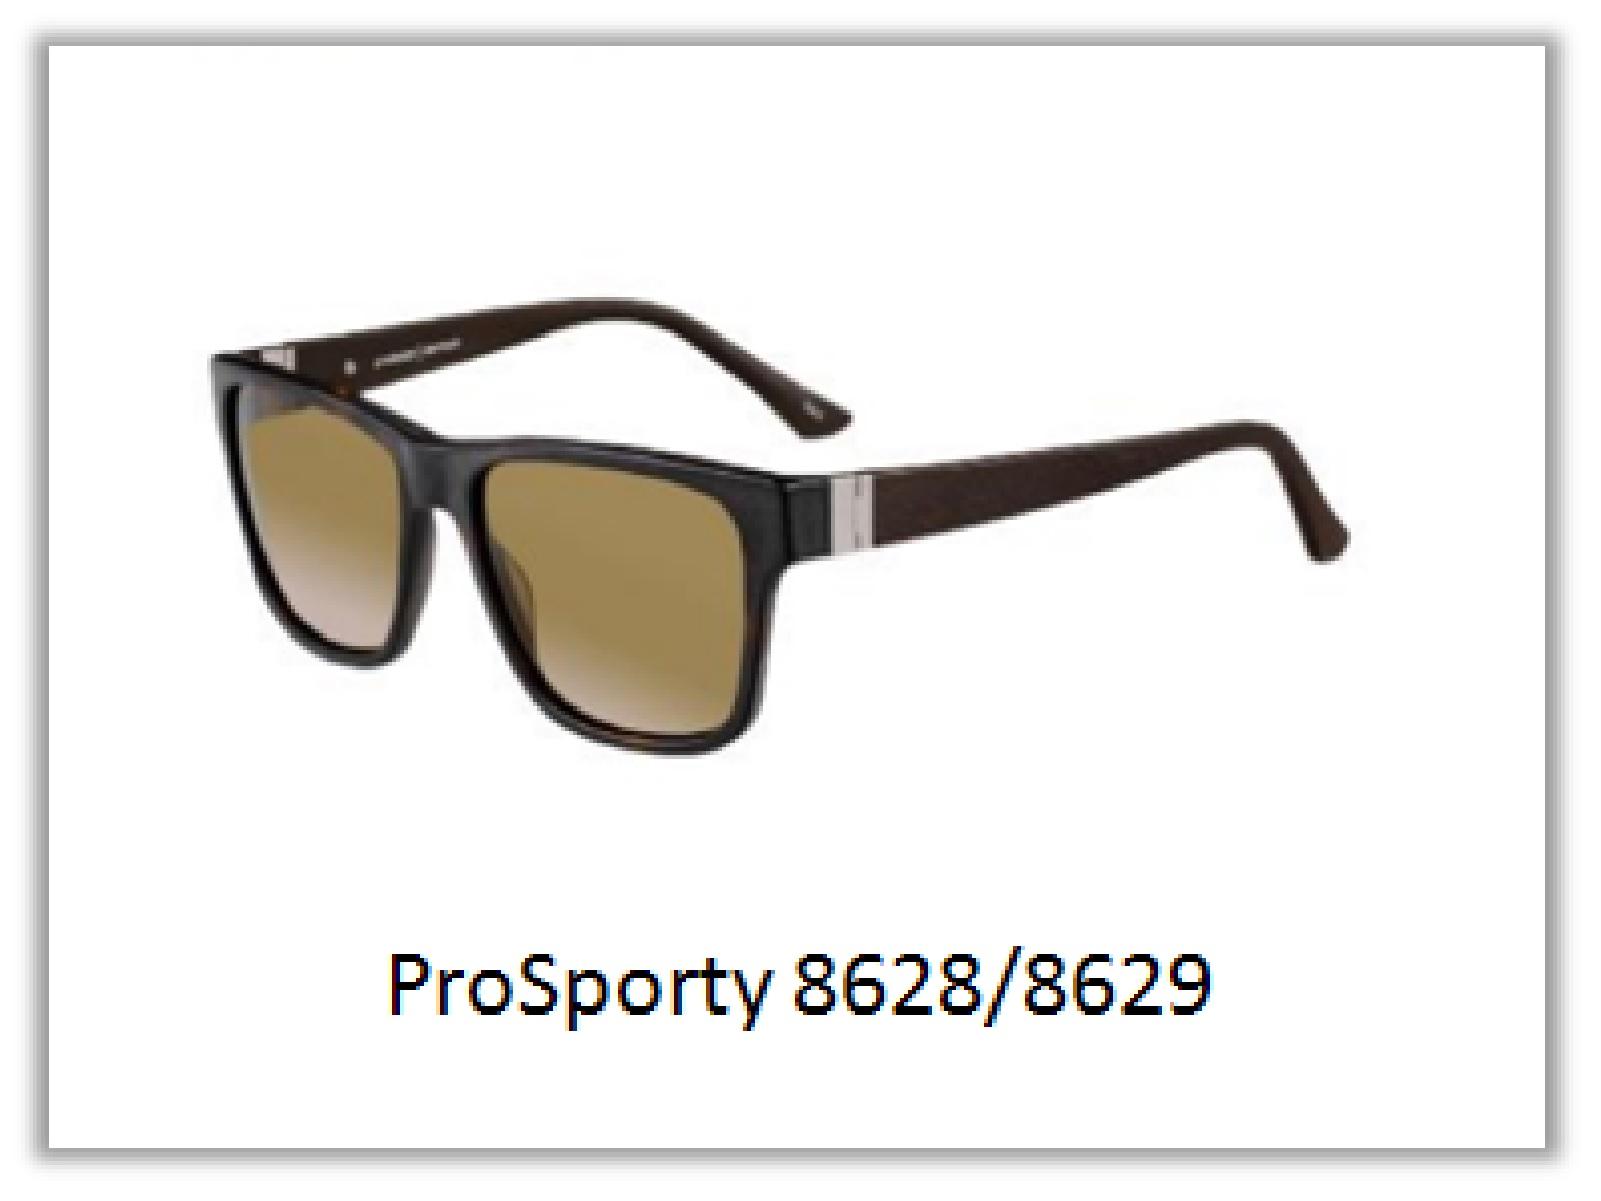 prospsporty 8628